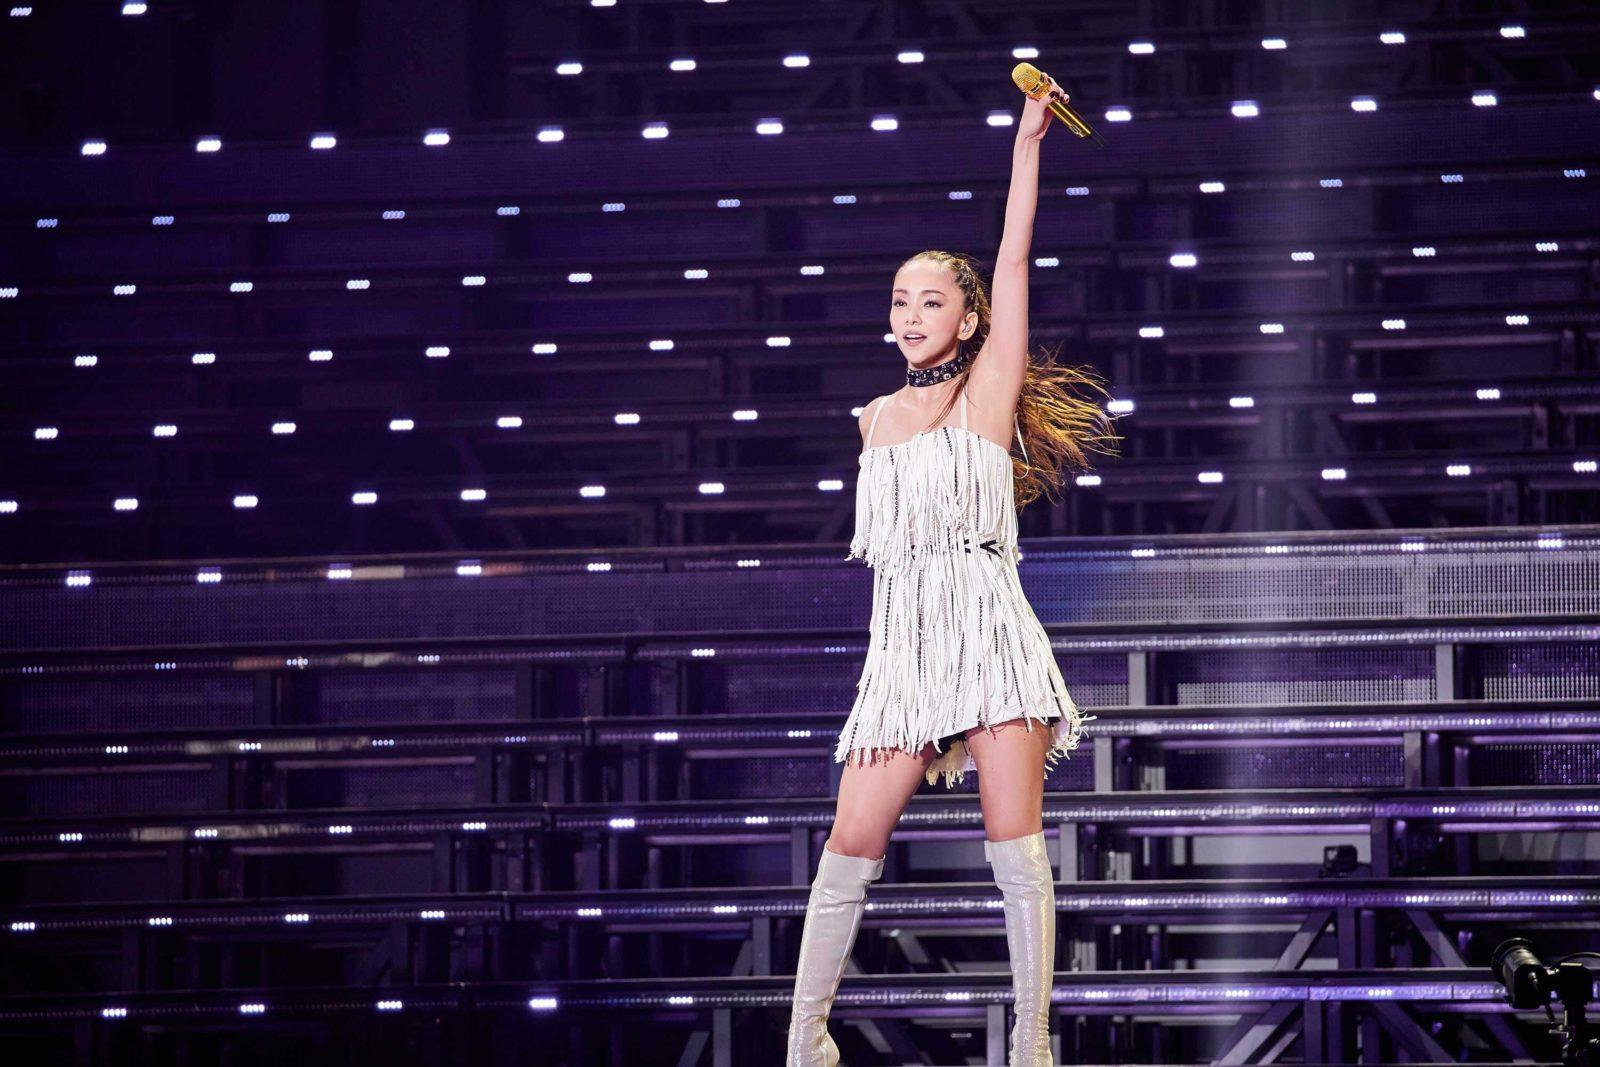 安室奈美恵 最後の全国ツアーが幕「みんな元気でねー!」サムネイル画像